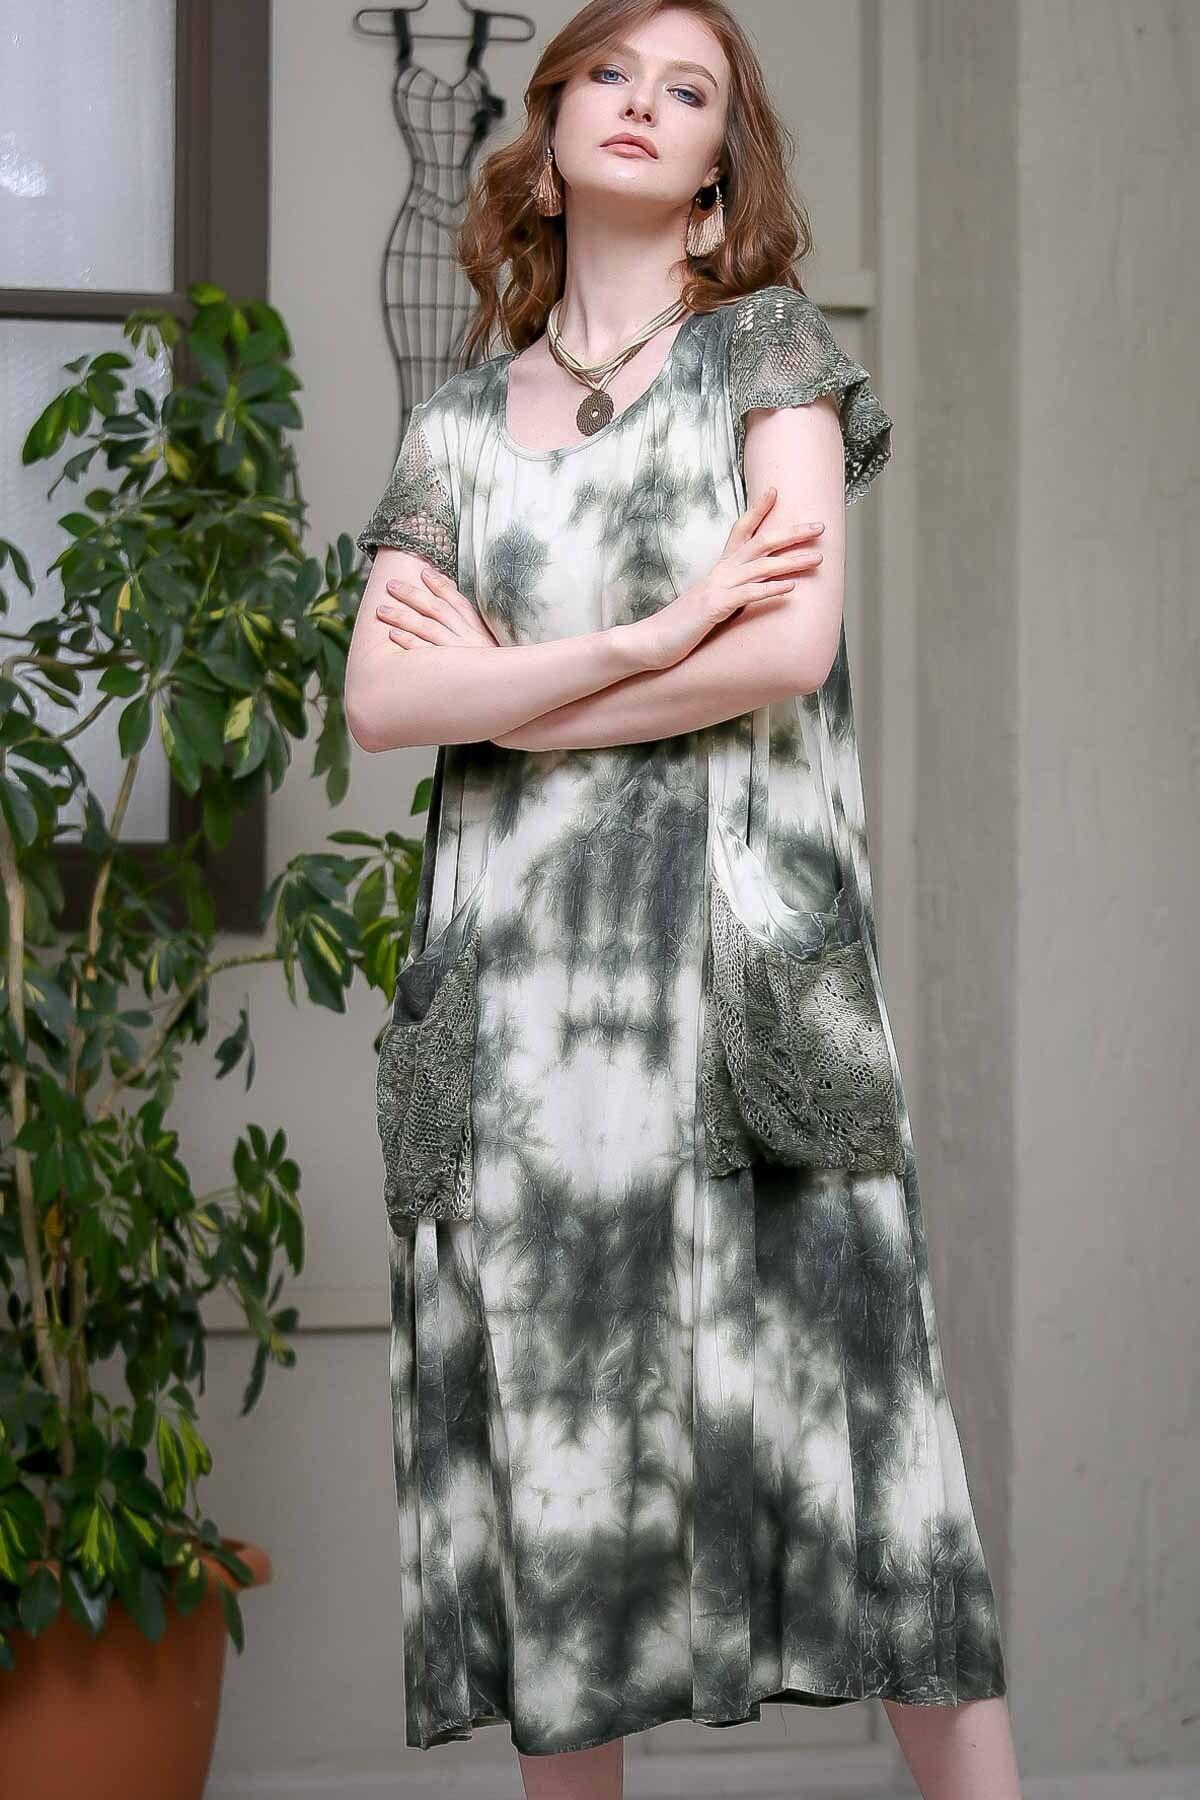 Chiccy Kadın Yeşil Desenli Dantel Kol Ve Cep Detaylı Salaş Yıkamalı Astarlı Dokuma Elbise  M10160000EL97244